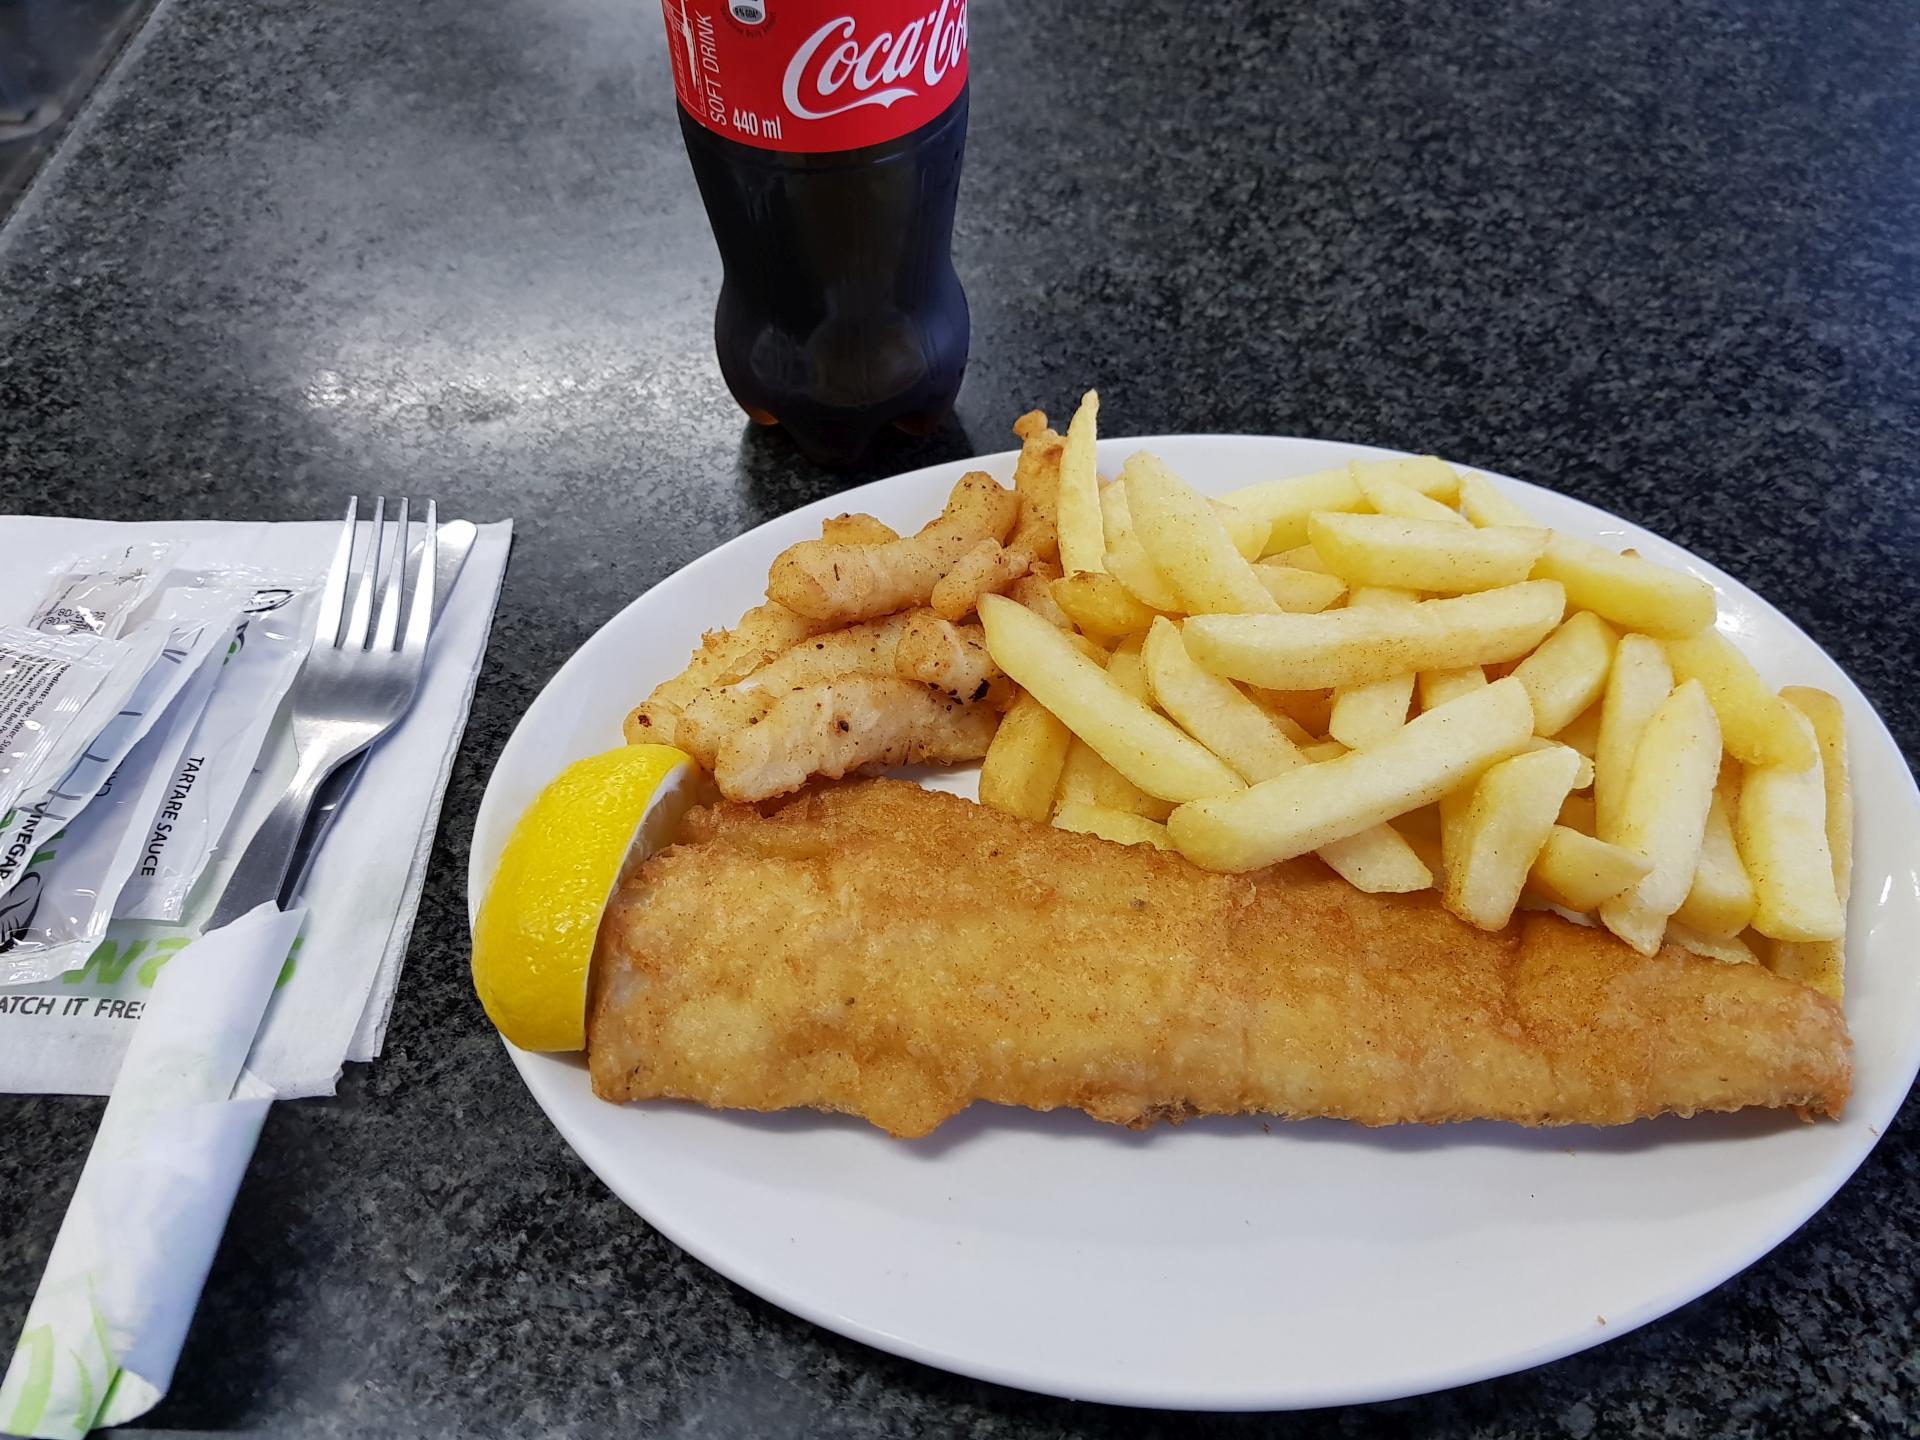 жареная рыба с картофелем и кальмарами